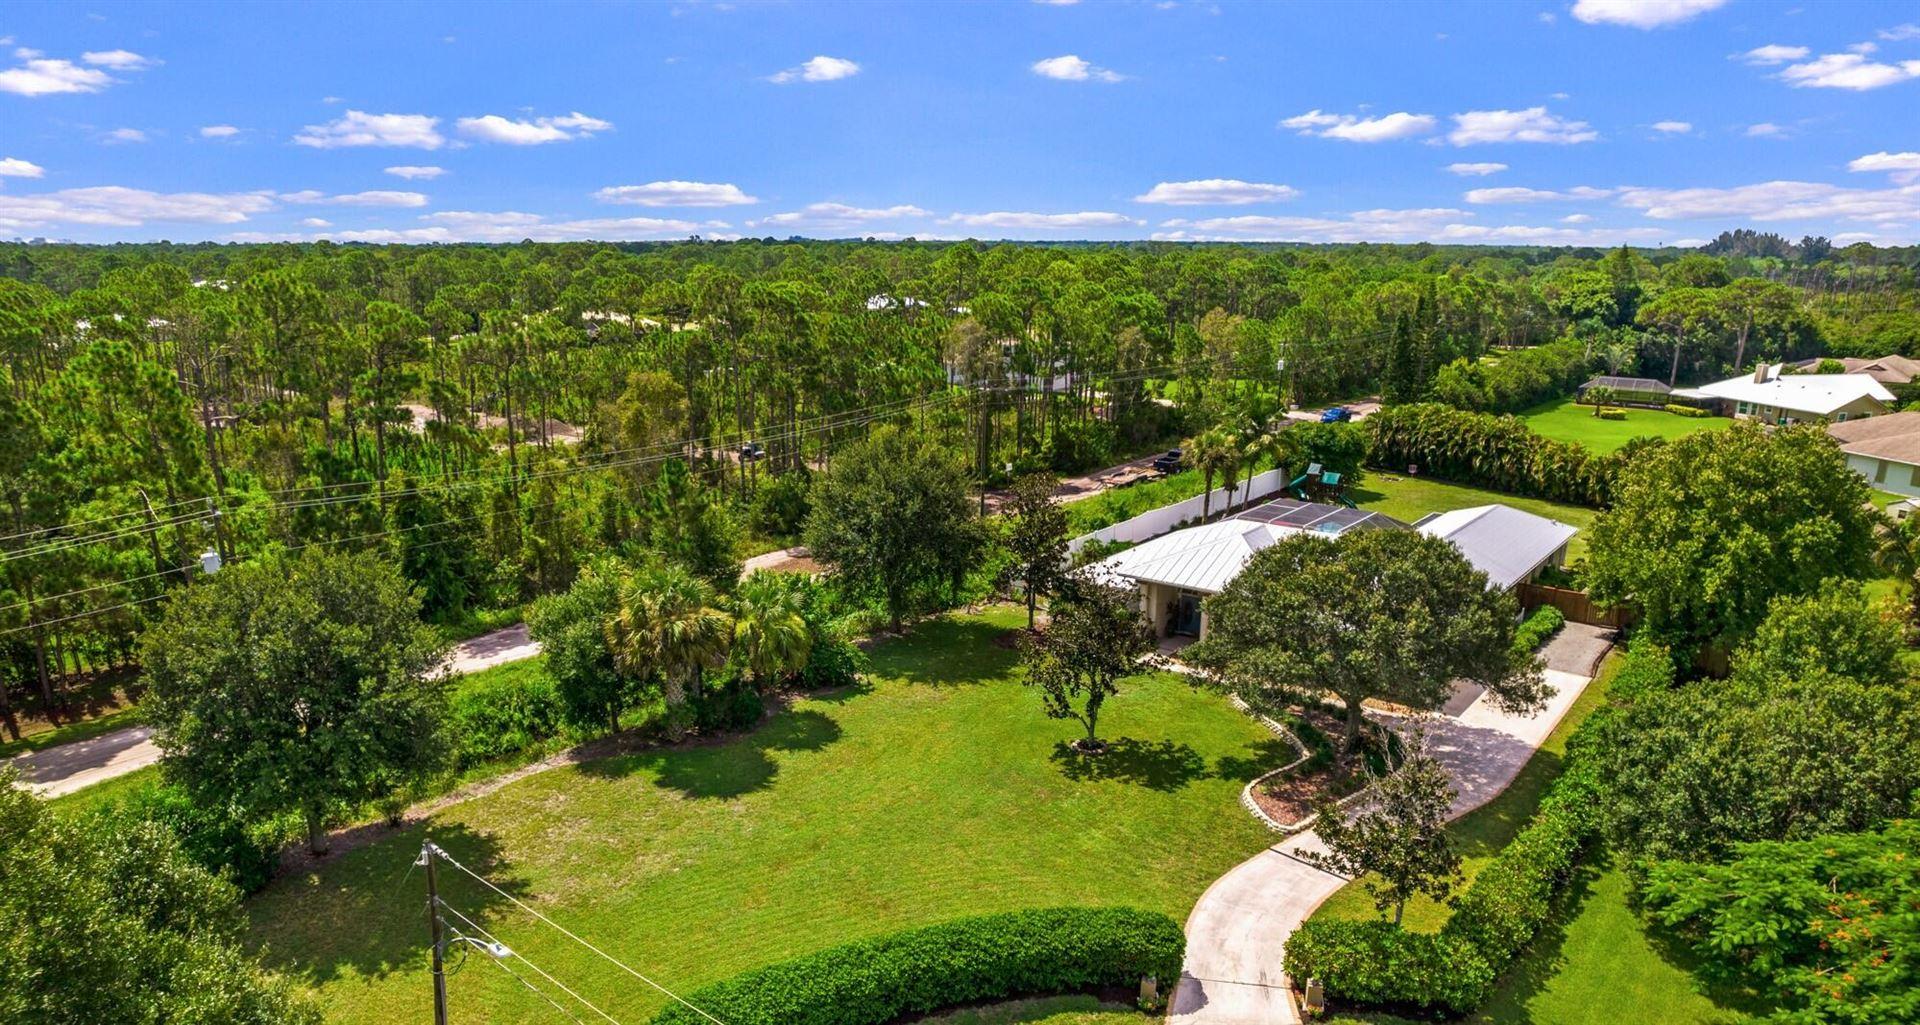 4101 Lookout Court, Fort Pierce, FL 34951 - #: RX-10735496